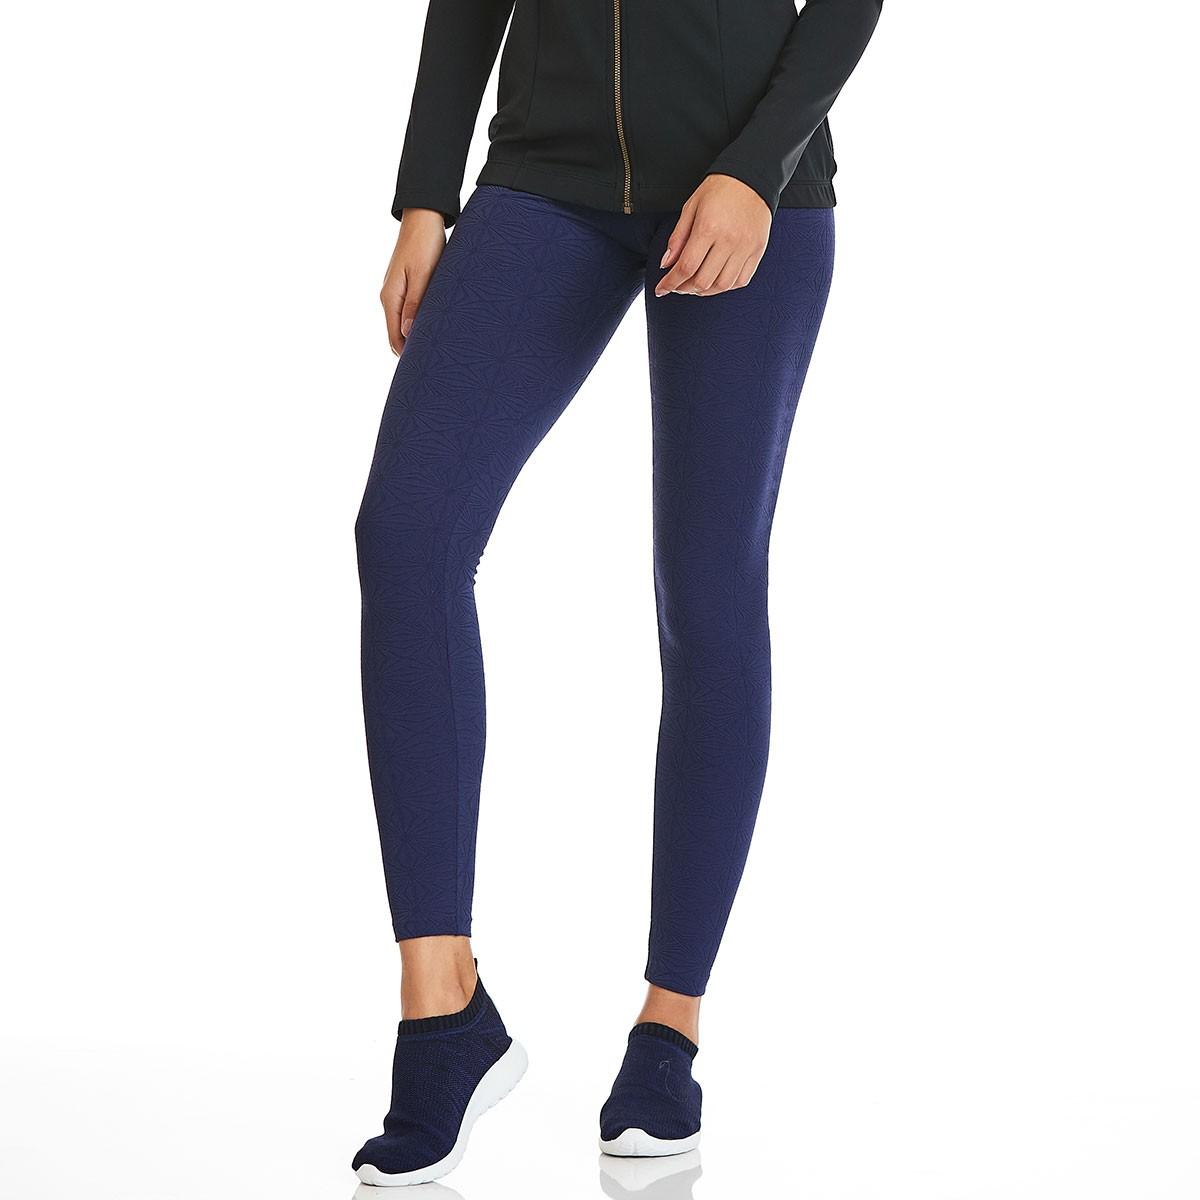 Legging Jacquard Azul CAJUBRASIL Activewear